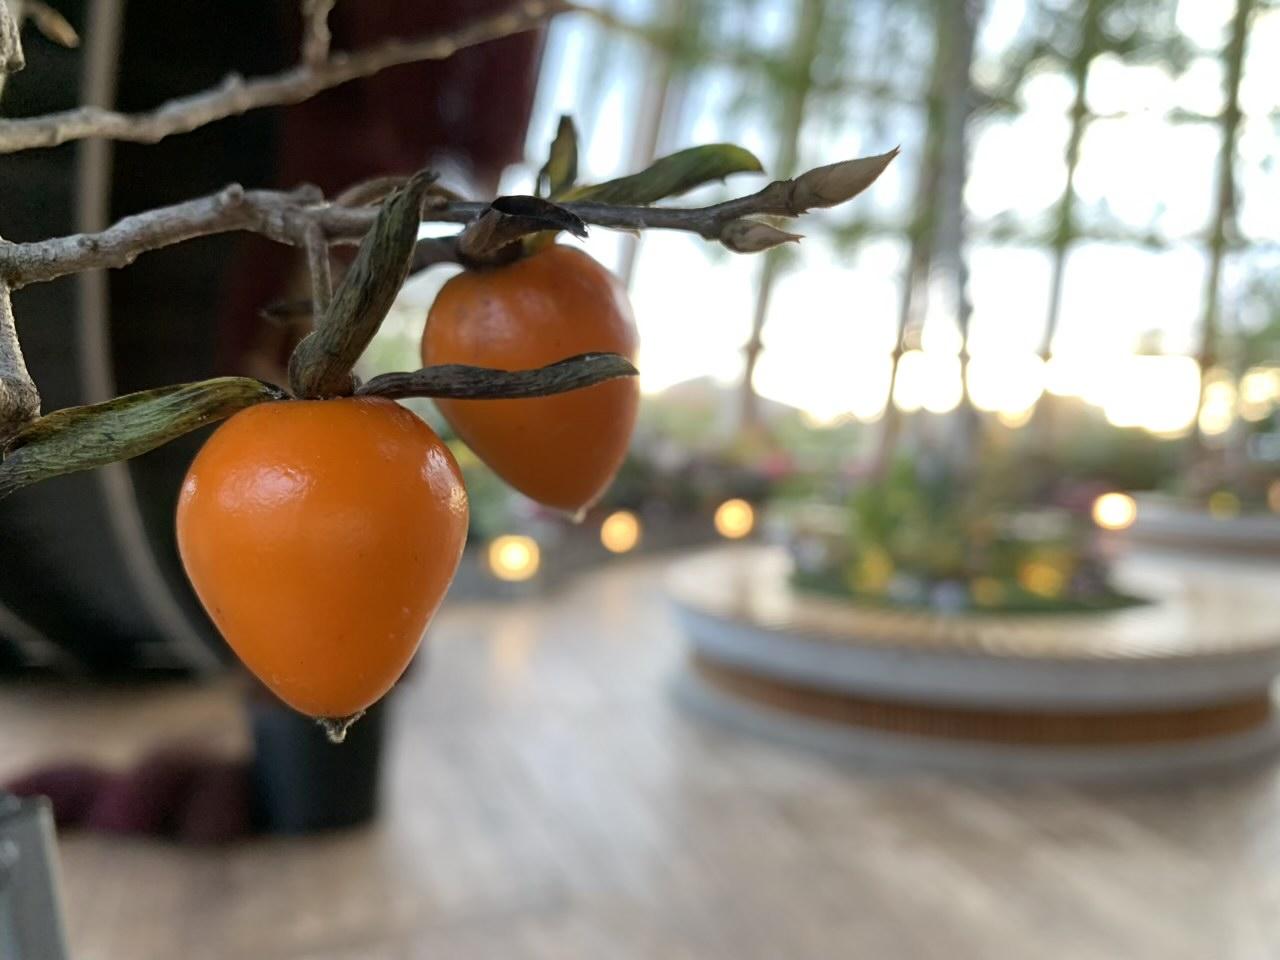 食育・花育センター「アトリウム」は緑あふれる癒し空間に!